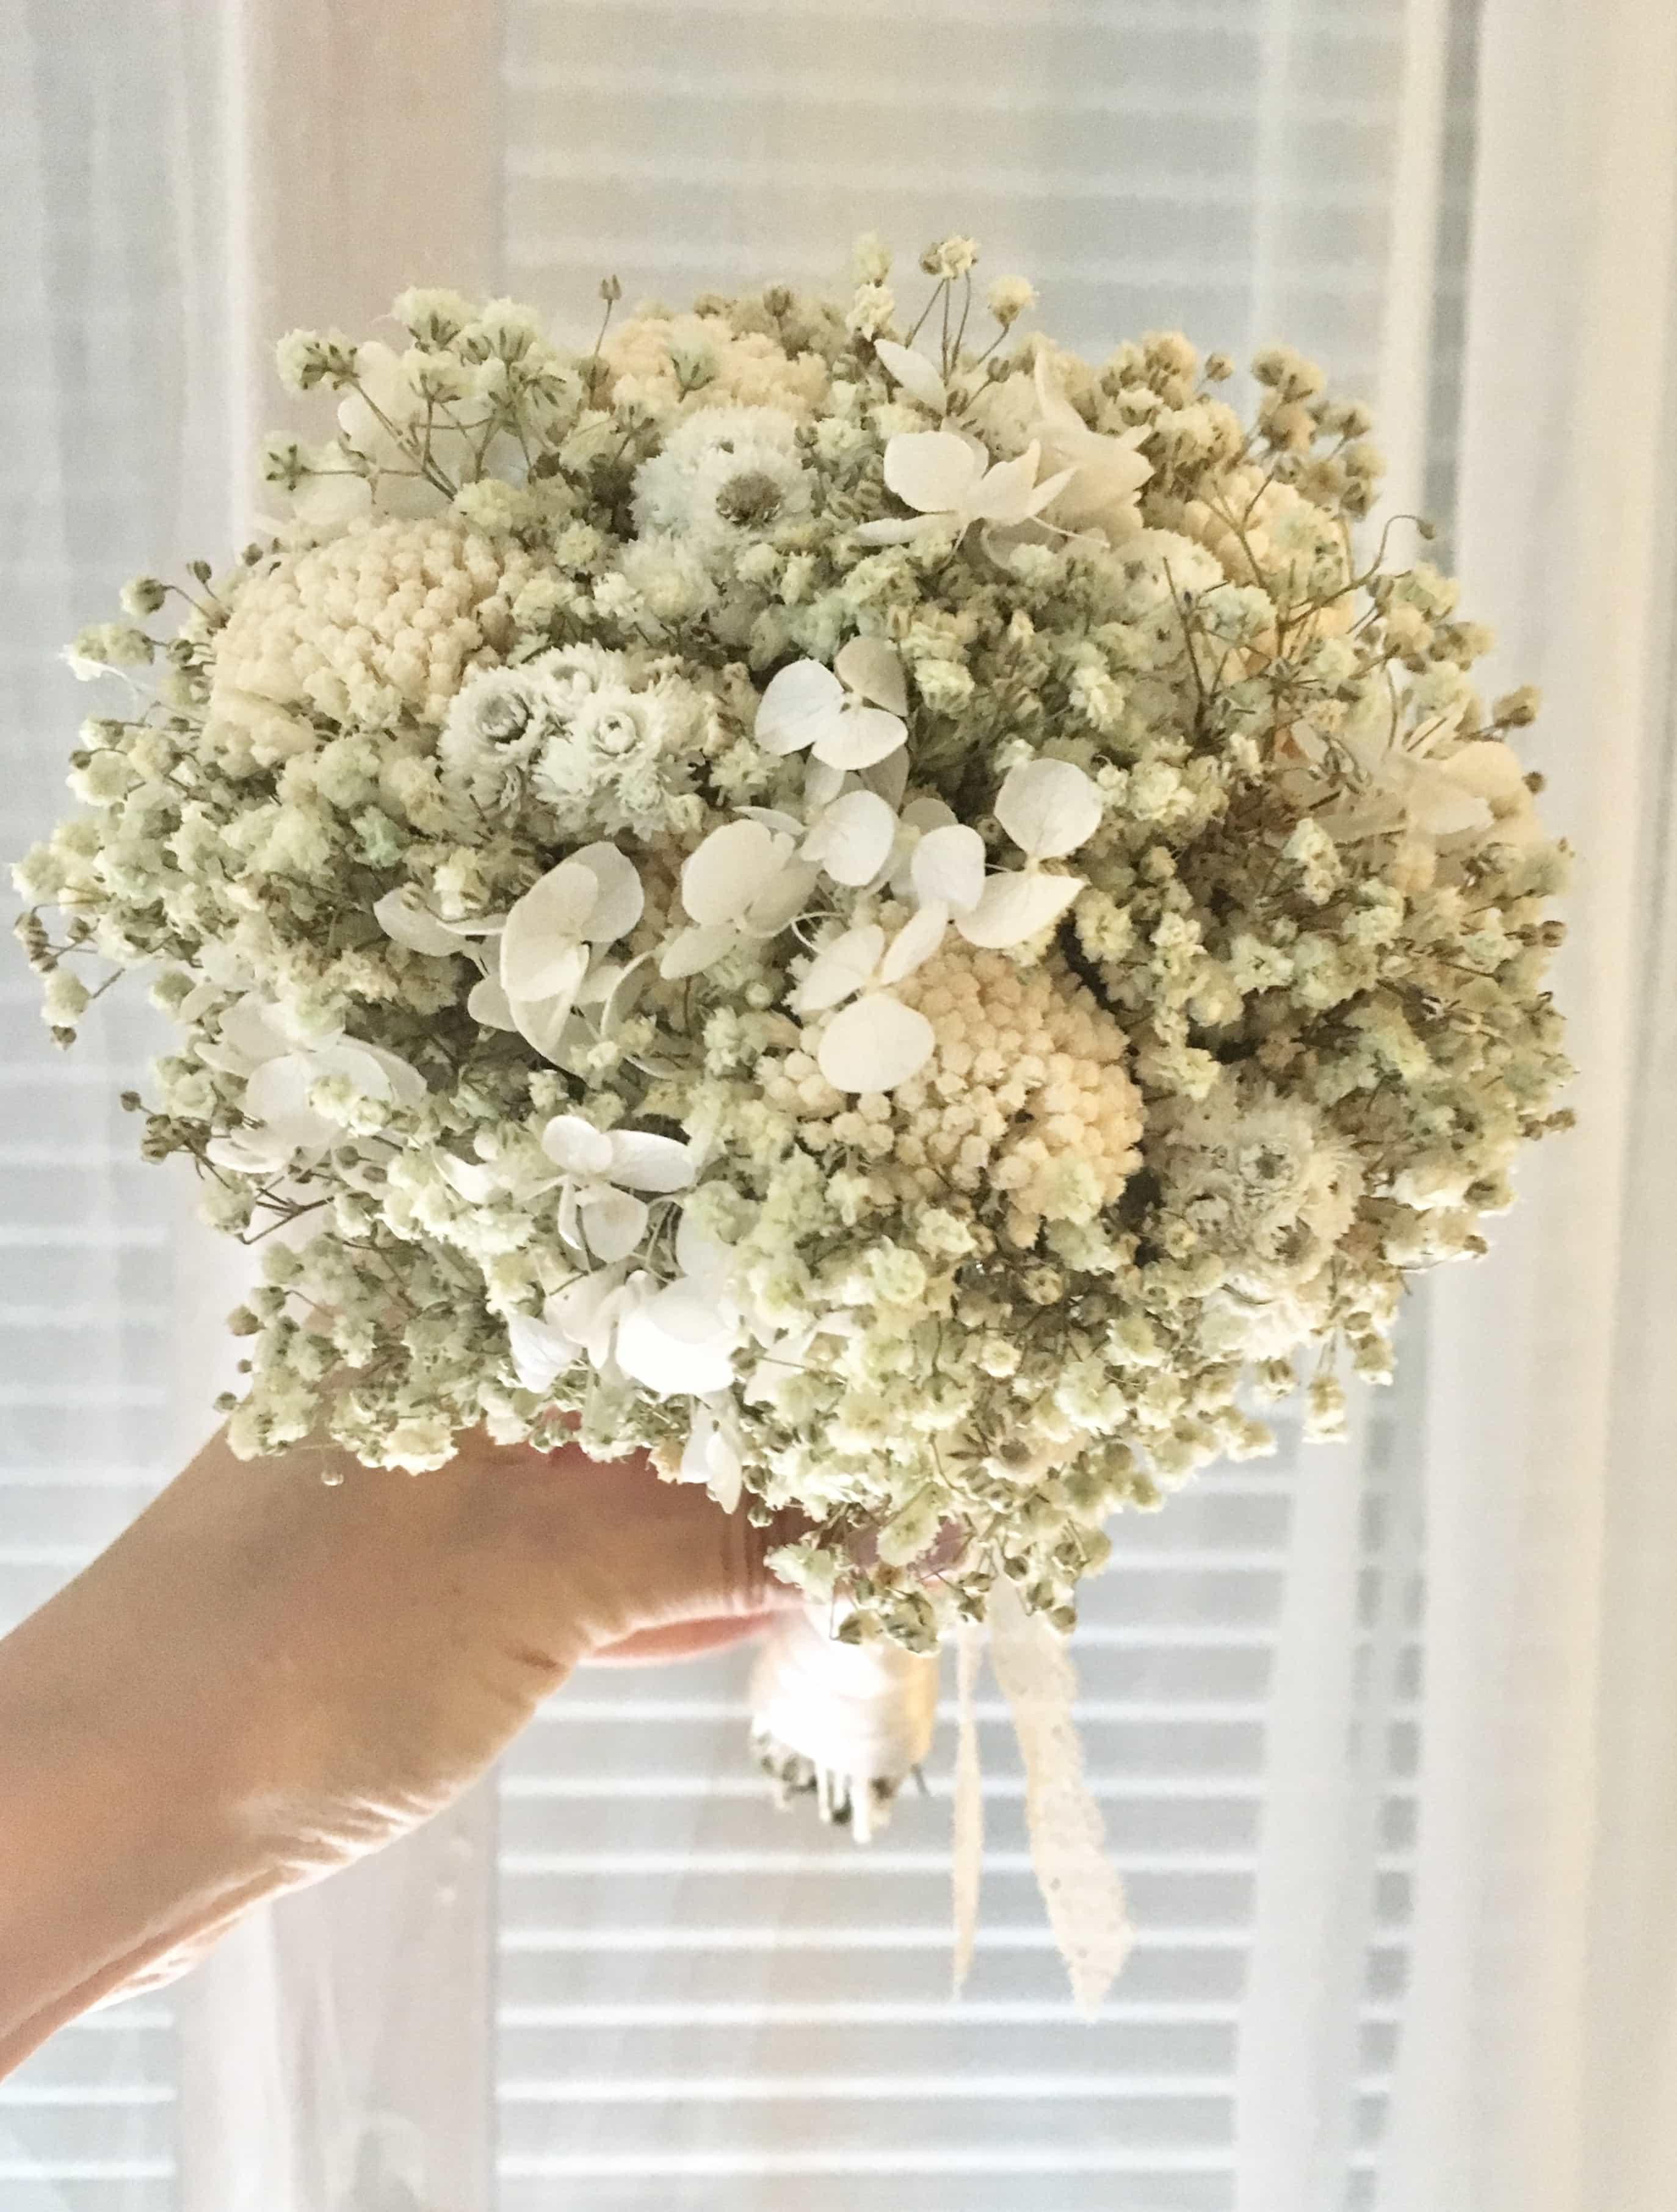 vente chaude réel quantité limitée meilleures baskets Bouquet de la mariée Immortelle en fleurs séchées - Les Fleurs Dupont